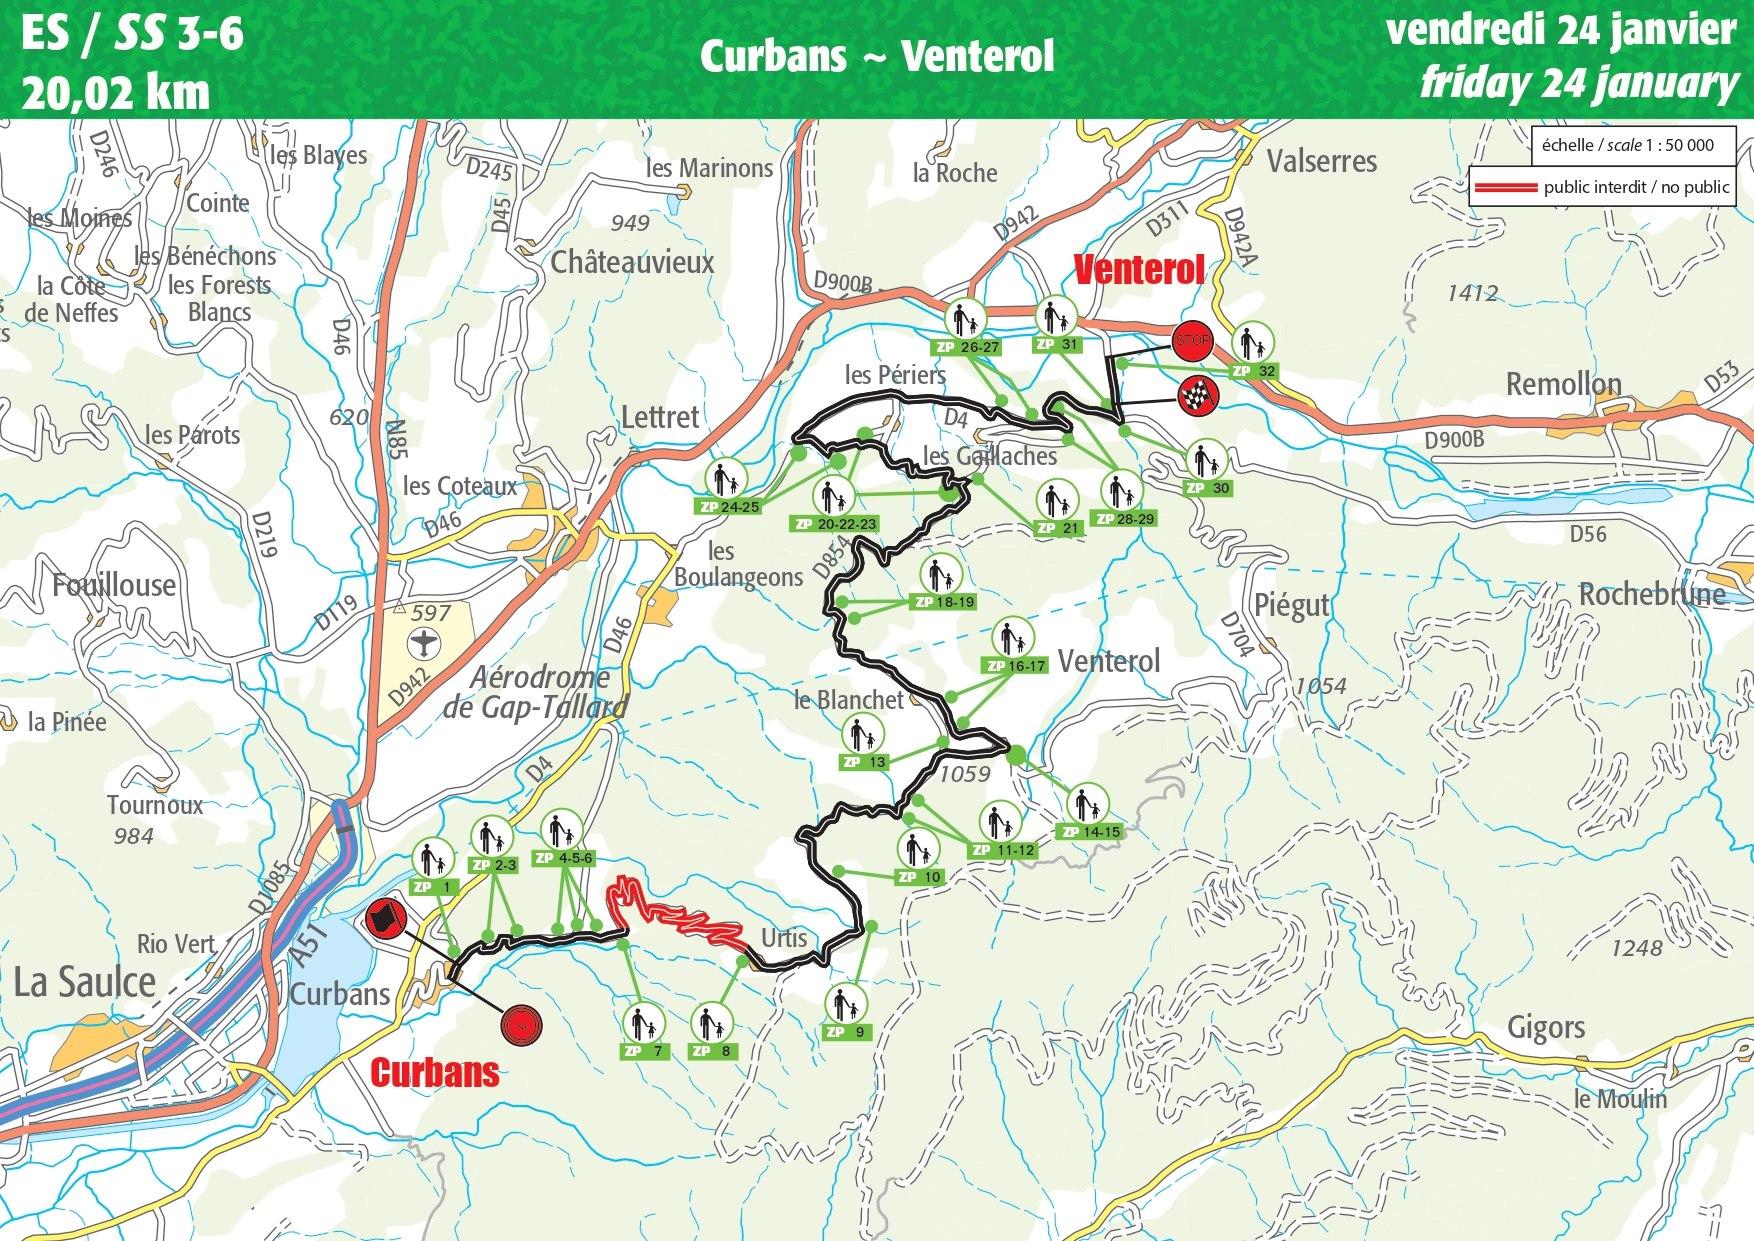 Carte ES 3-6 Rallye Monte-Carlo 2020